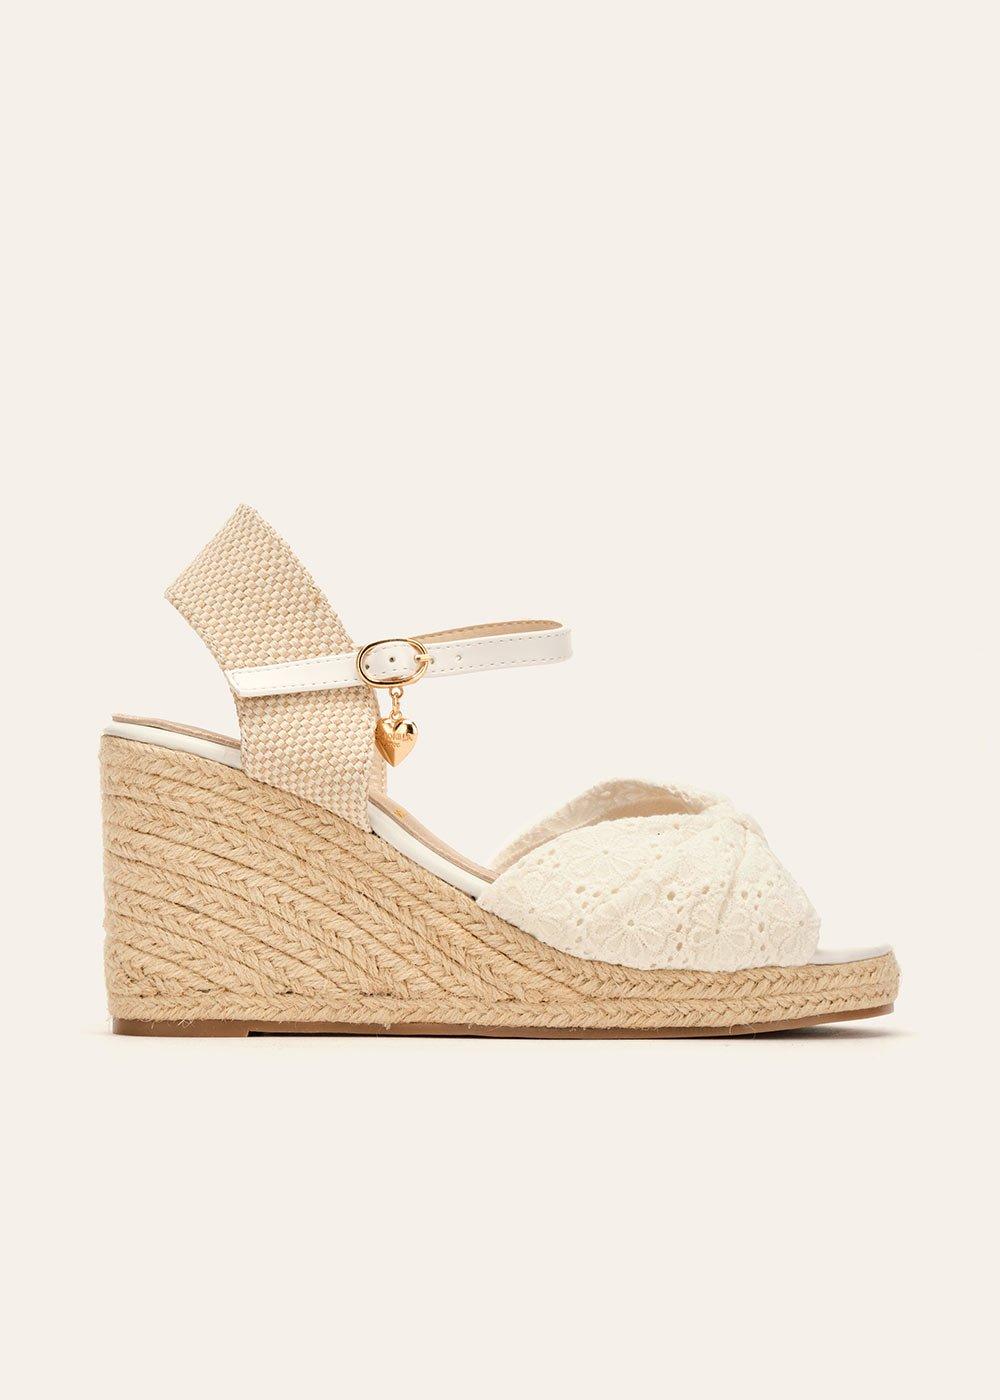 Scarpa Sakira modello espadrillas - White - Donna